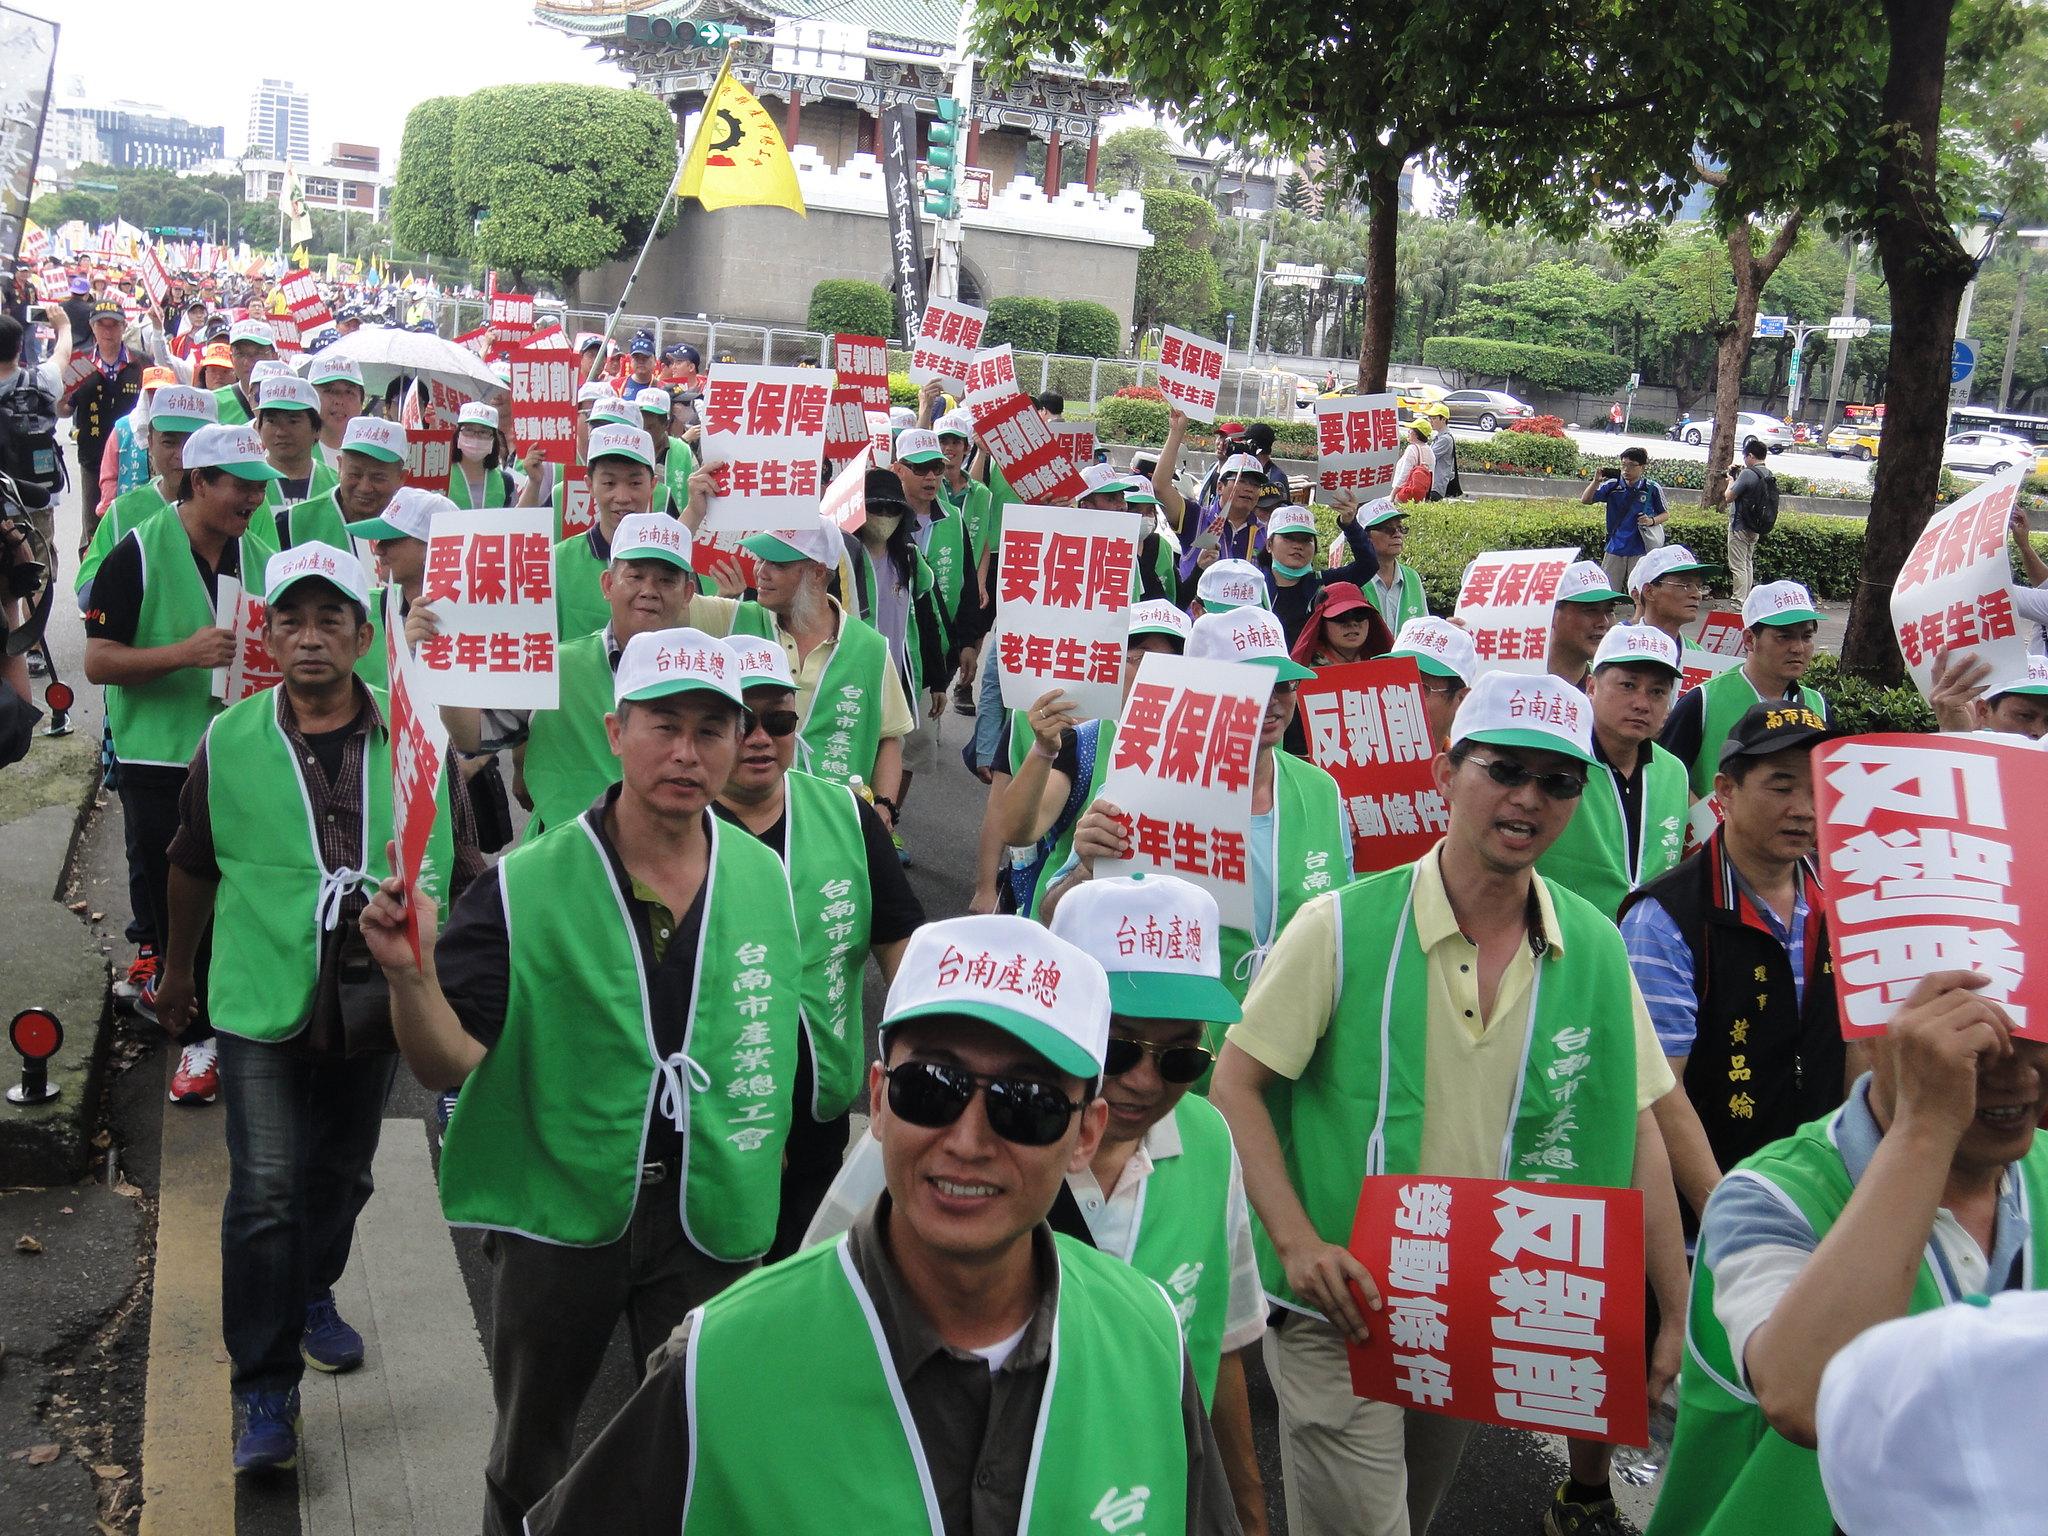 台南市產業總工會的隊伍。(攝影:張智琦)